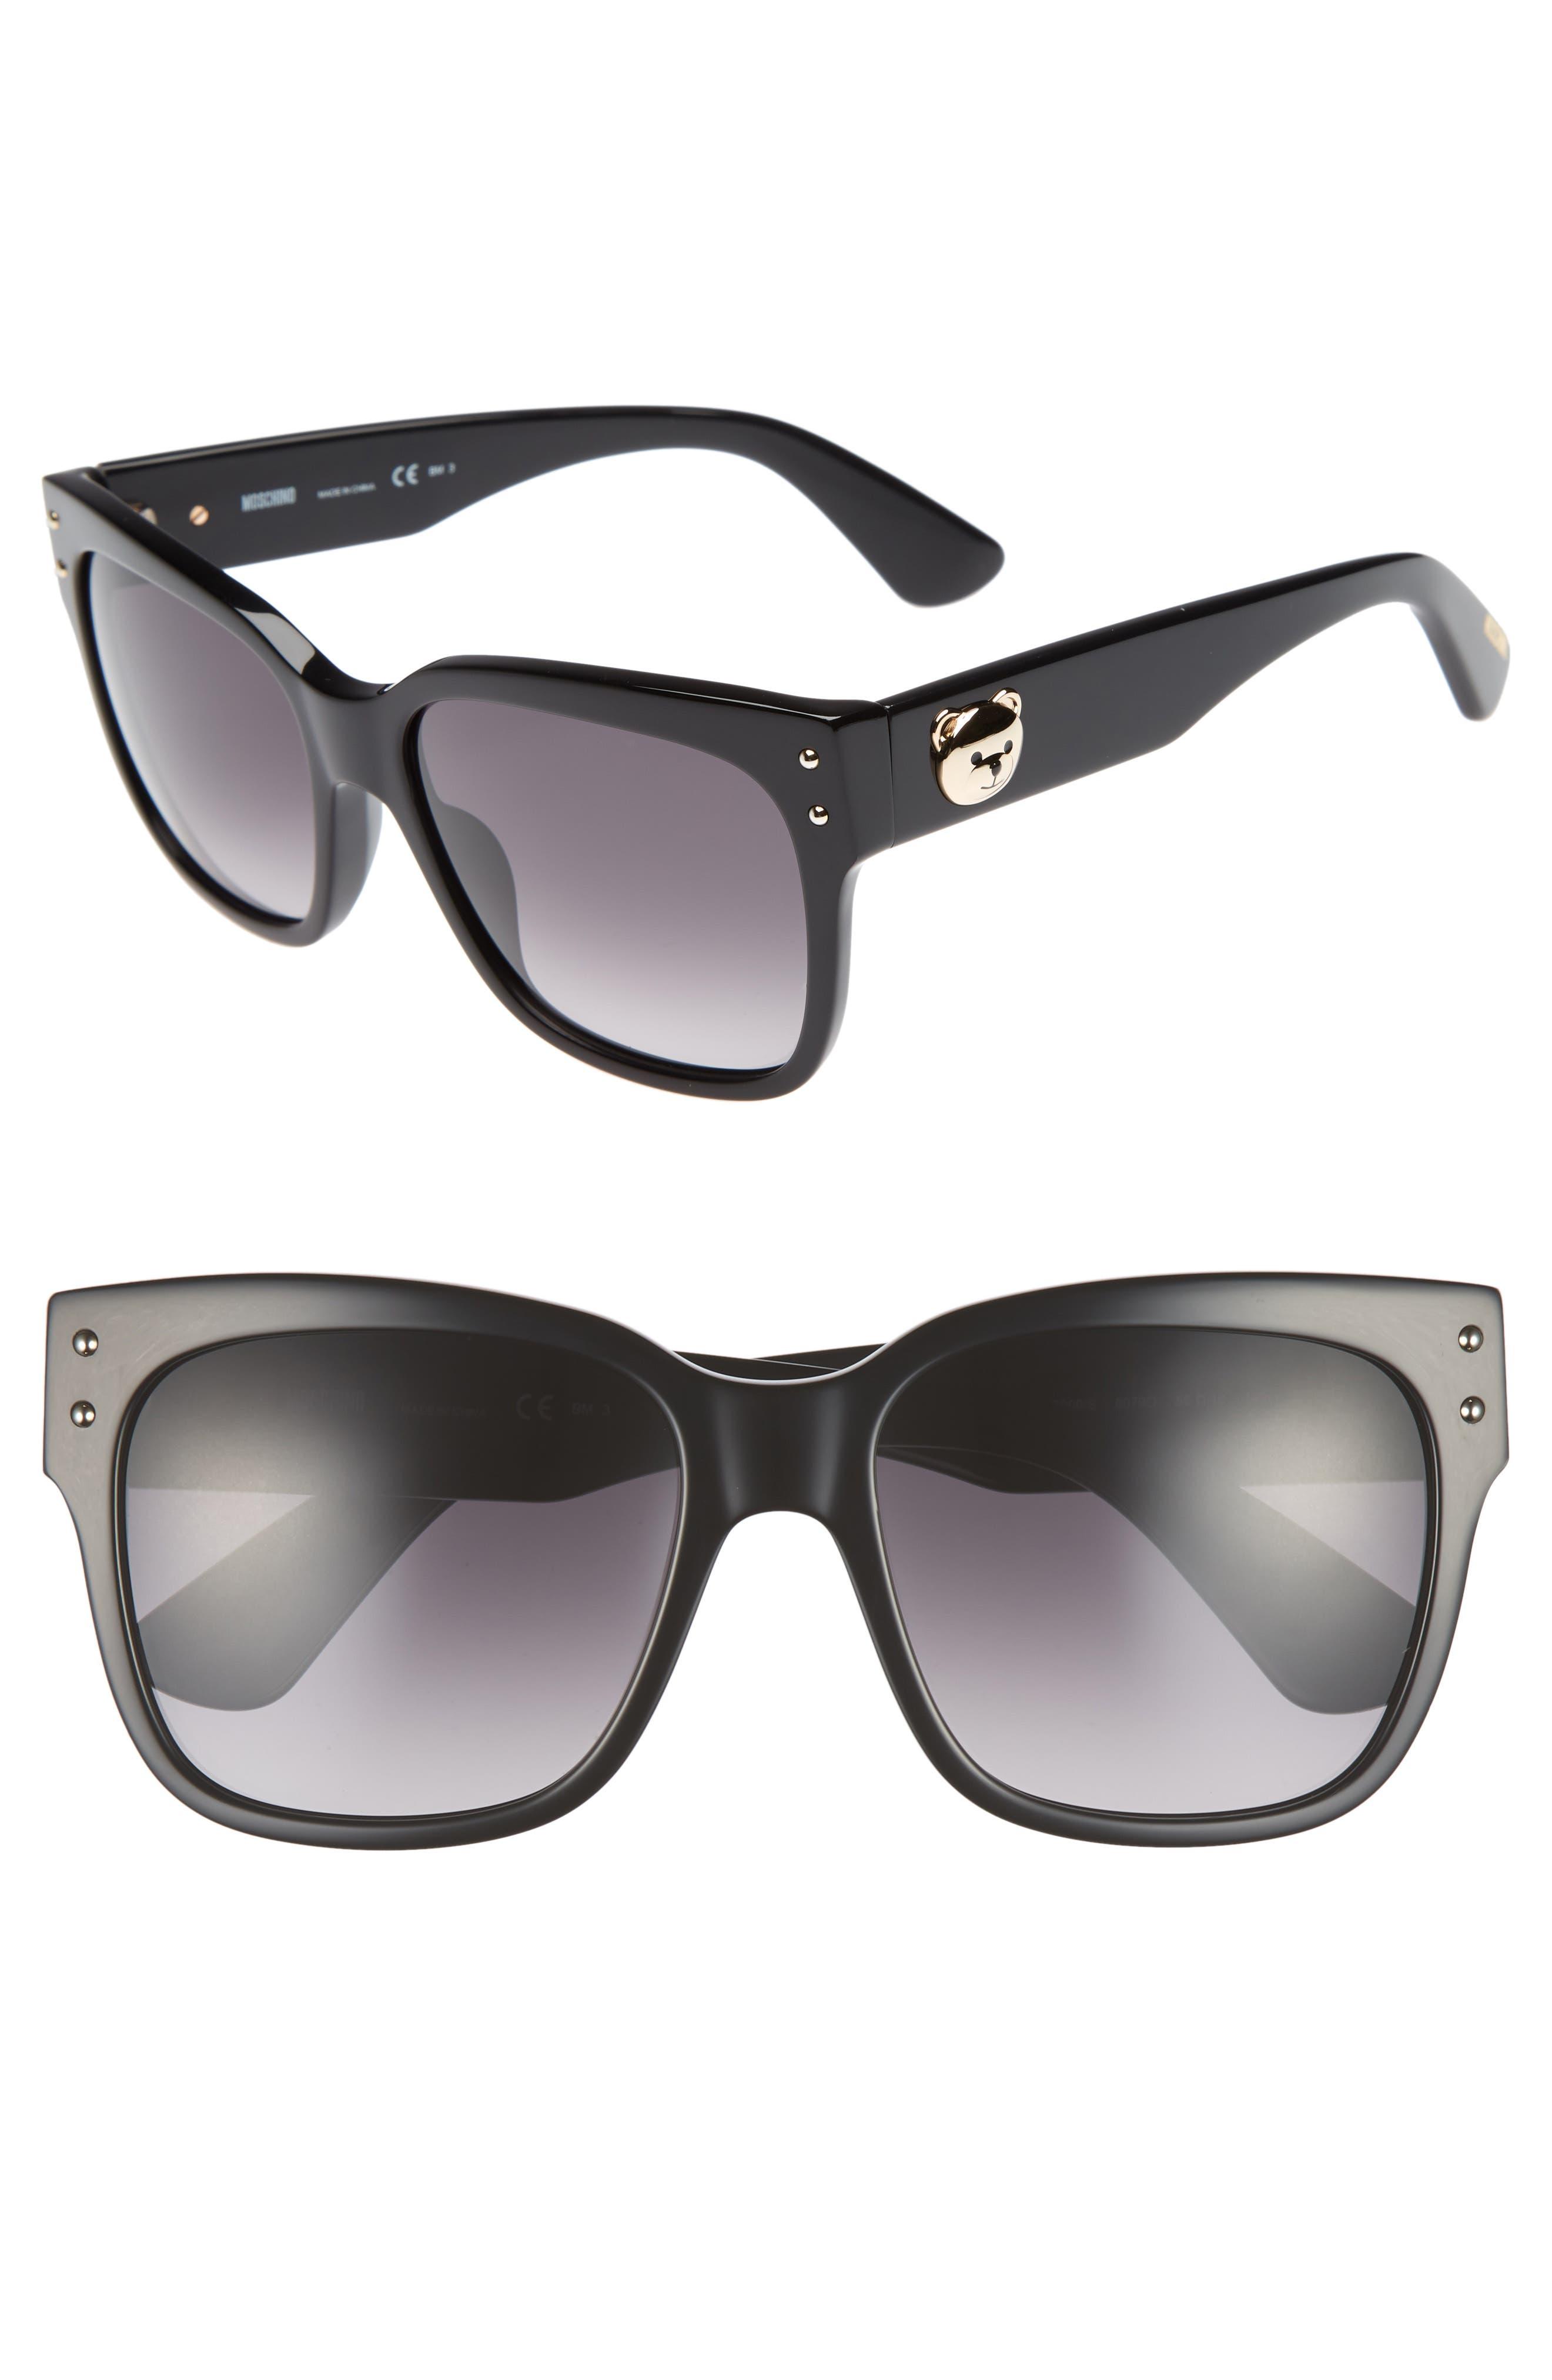 56mm Gradient Lens Sunglasses,                         Main,                         color, BLACK